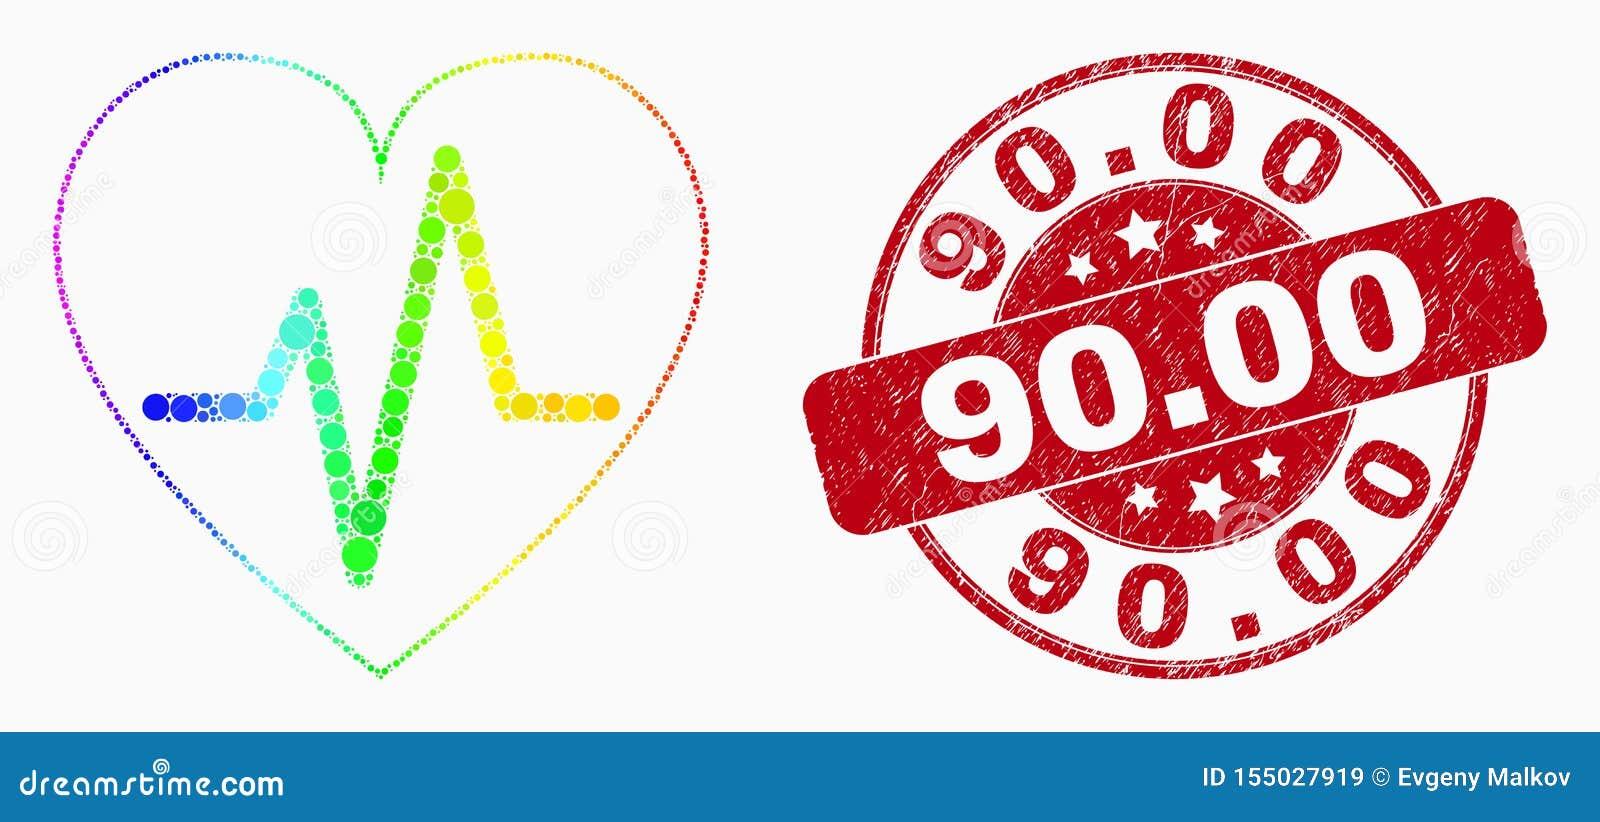 För Pixelated för vektor spektral- symbol och nödläge 90 för puls hjärta Skyddsremsa 00